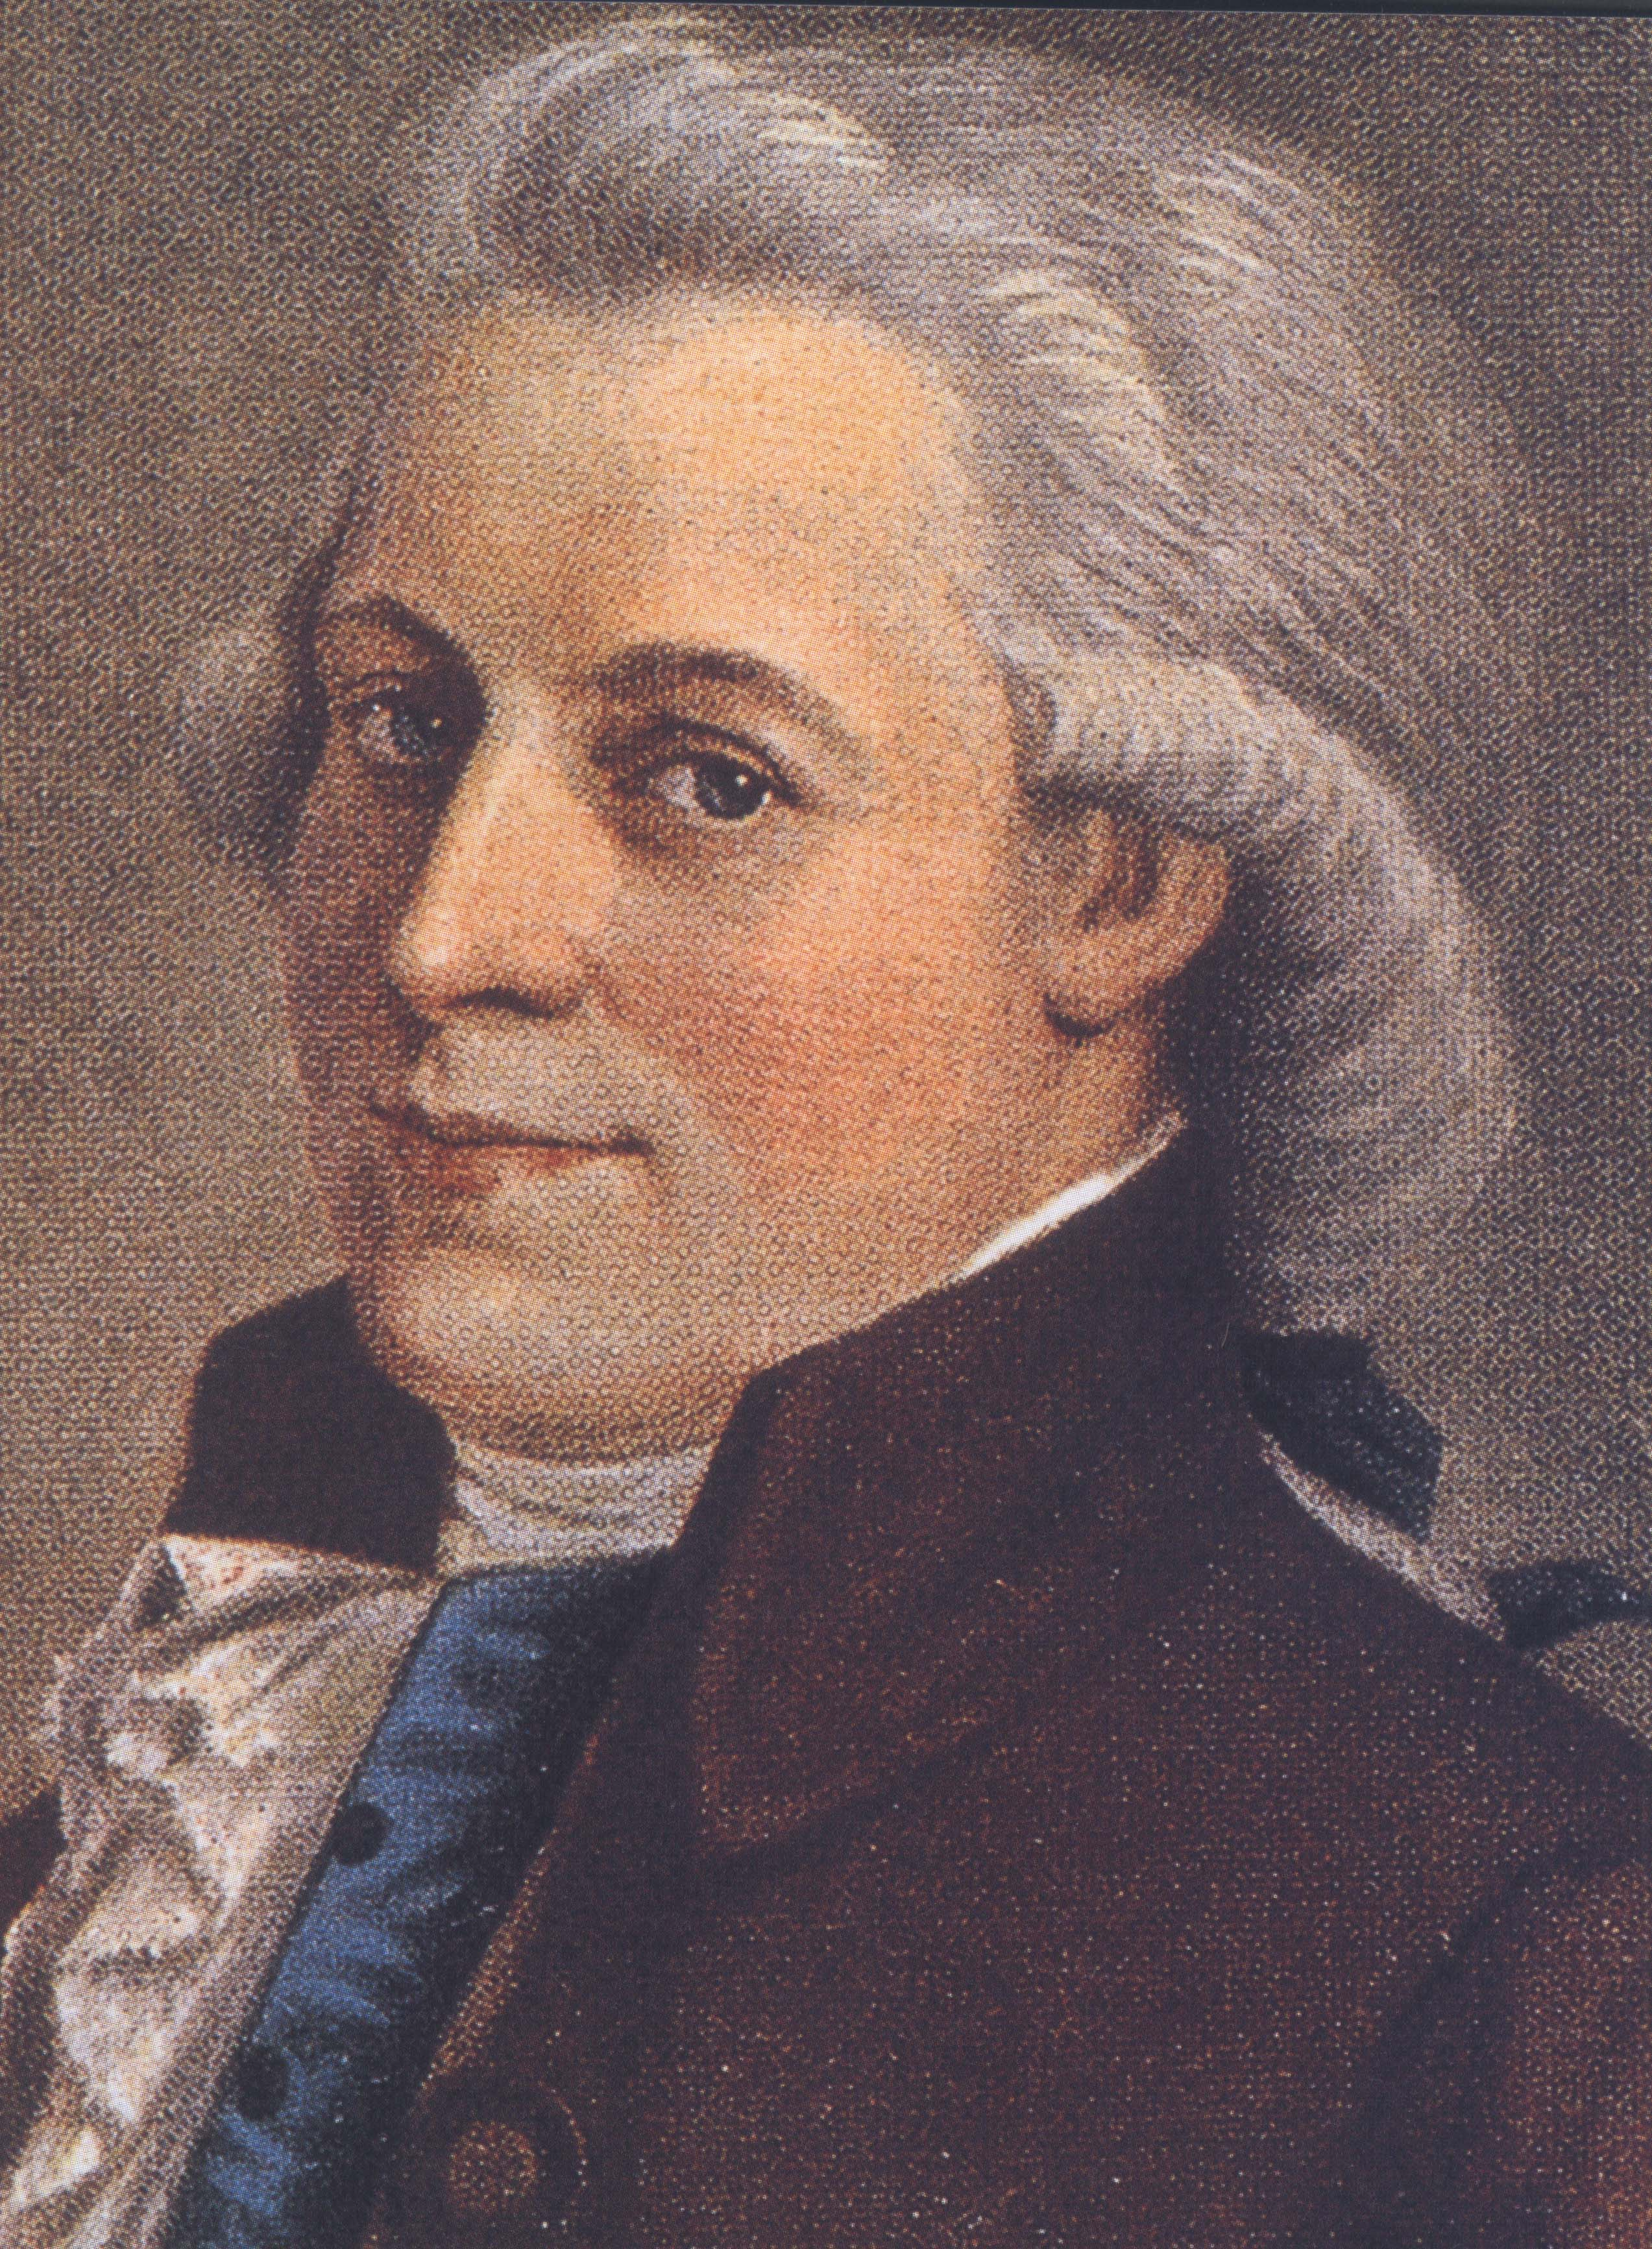 Wolfgang Amadeus Mozart Mozart - Das Kalafusz-Trio - Divertimento Es-dur KV 563 Für Violine Viola Und Violoncello / Triosatz G-dur KV Anhang 66